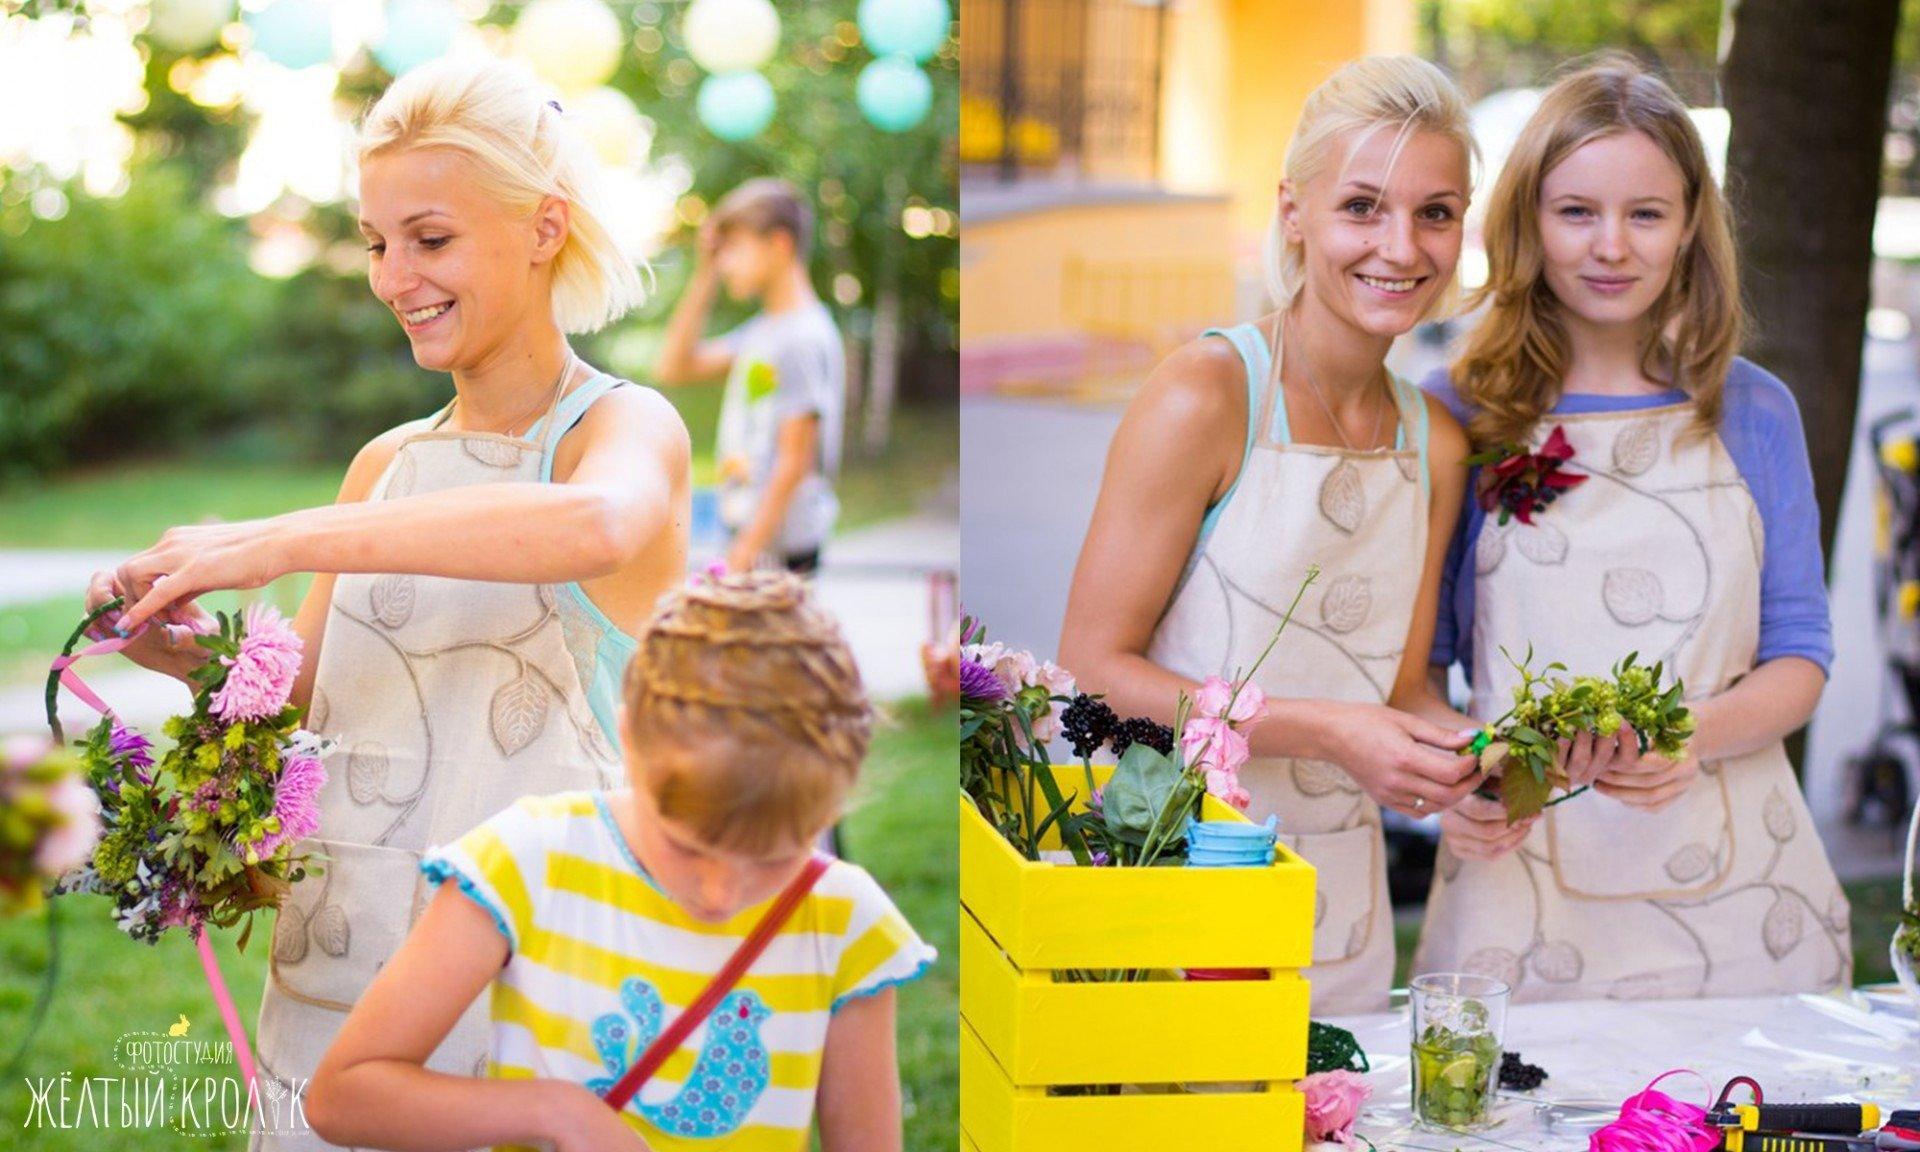 флористы на празднике - репортажная фотосъемка в фотостудии желтый кролик